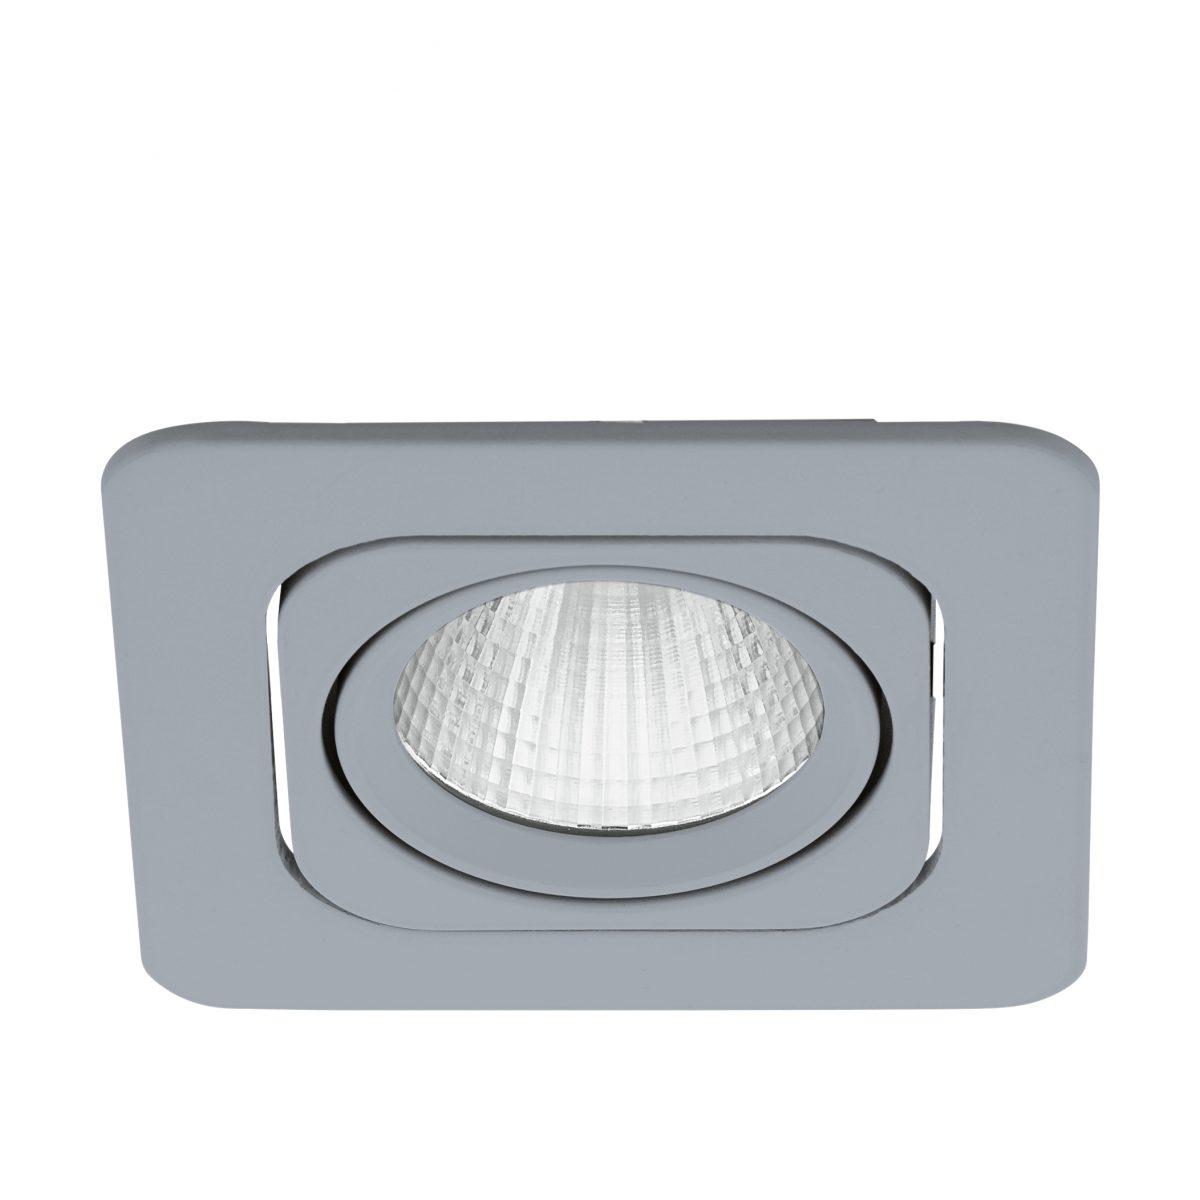 Светильник настенно-потолочный VASCELLO/PROFESSION EGLO 61633 - Фото №28